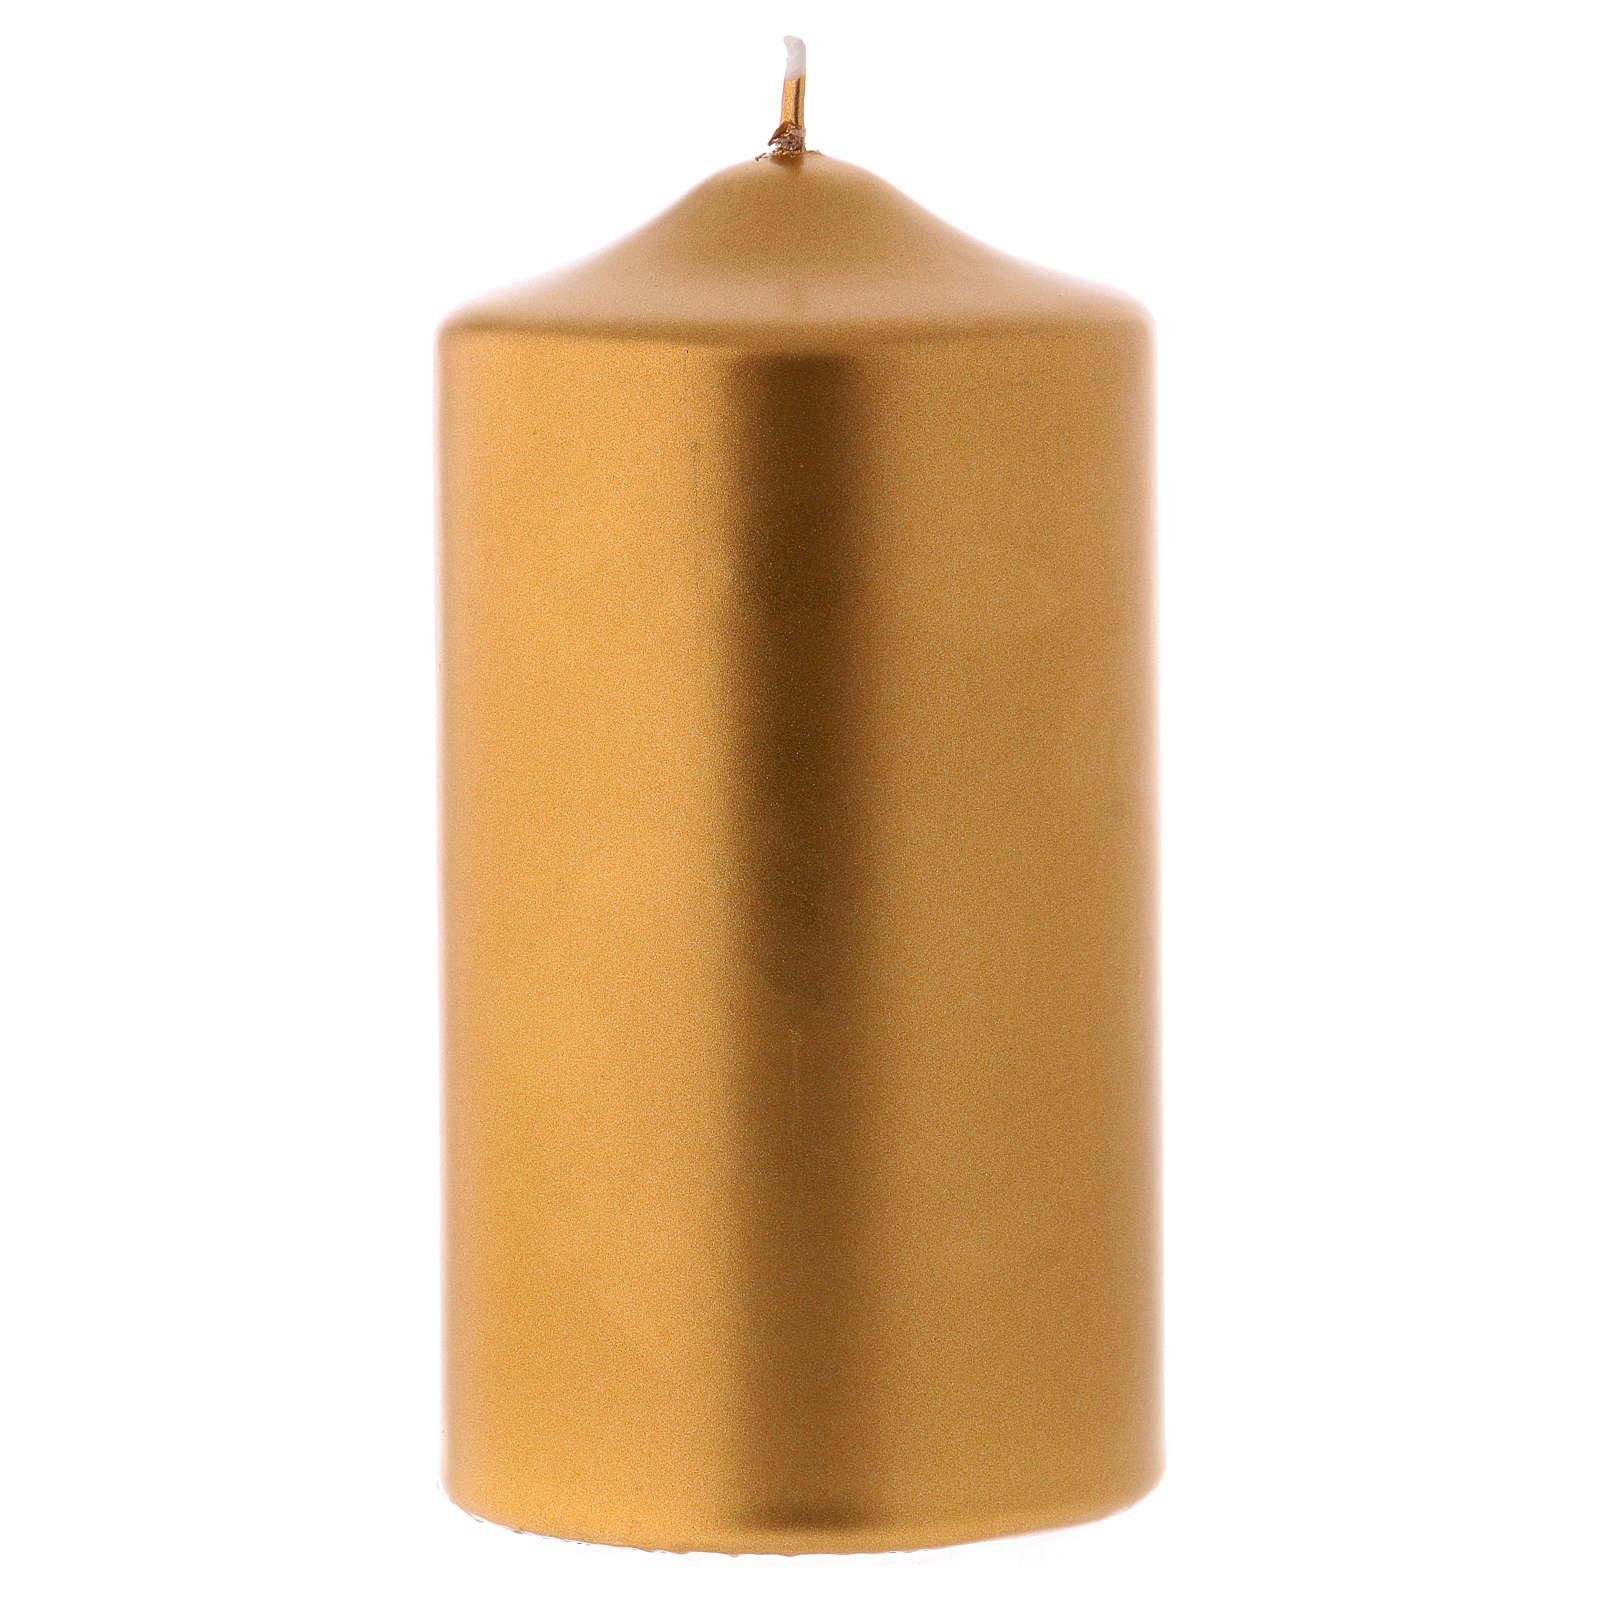 Świeczka bożonarodzeniowa kolor metaliczny Ceralacca 24x8 cm złoty 3